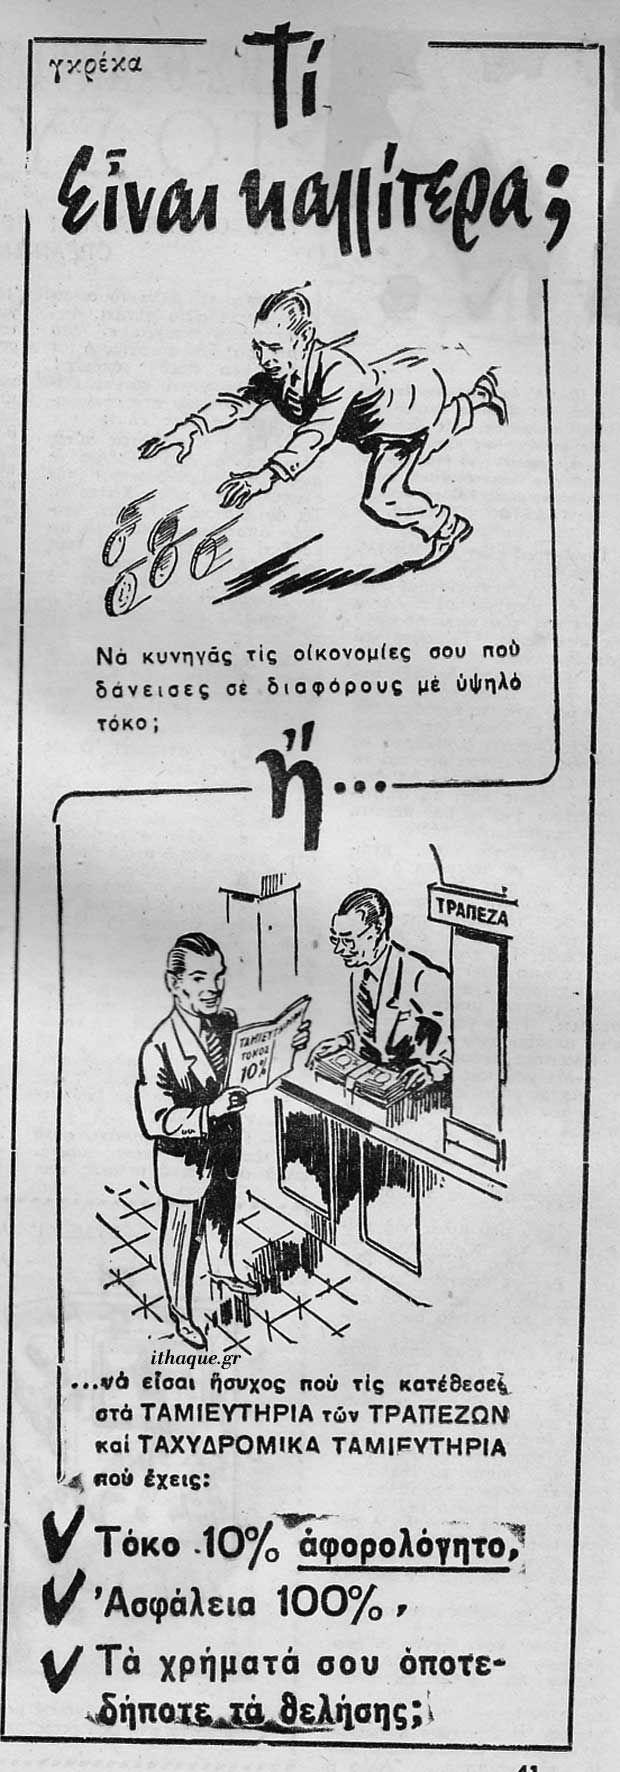 Διαφήμιση για αποταμίευση στις τράπεζες.